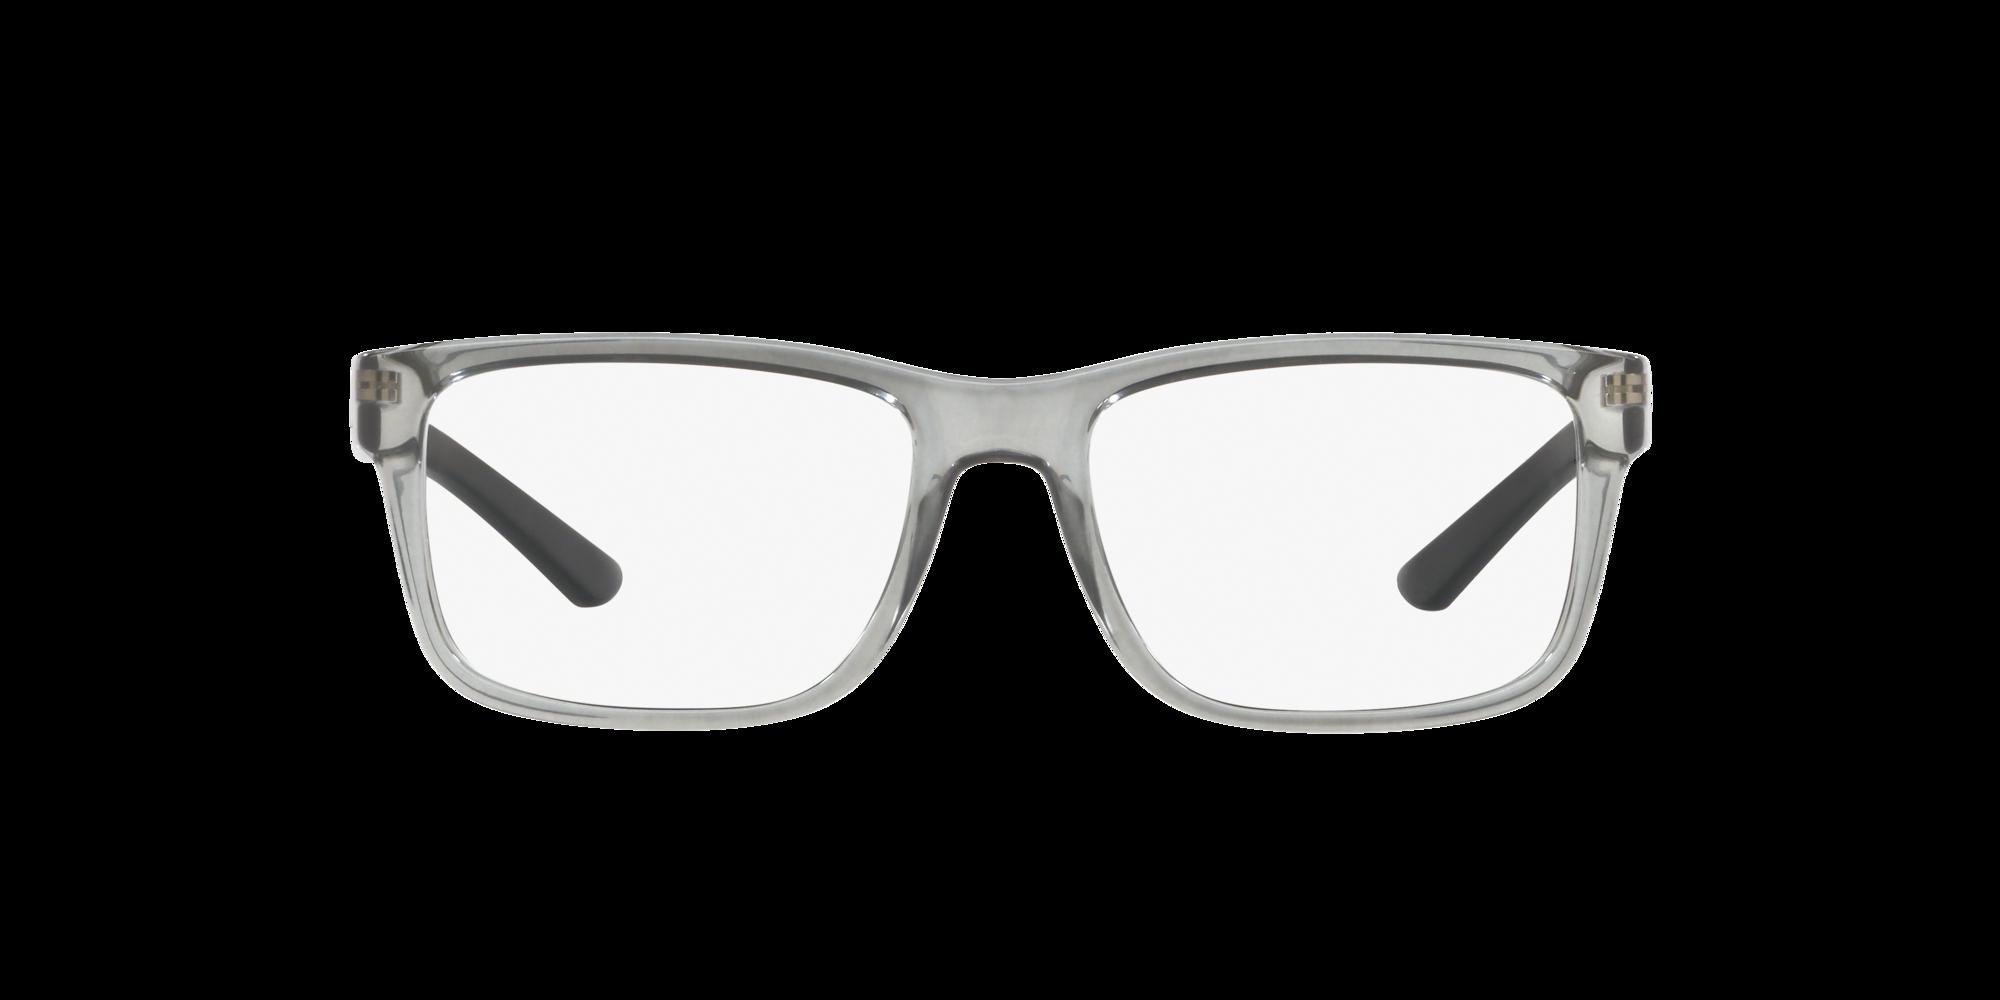 Imagen para AX3016 de LensCrafters |  Espejuelos, espejuelos graduados en línea, gafas